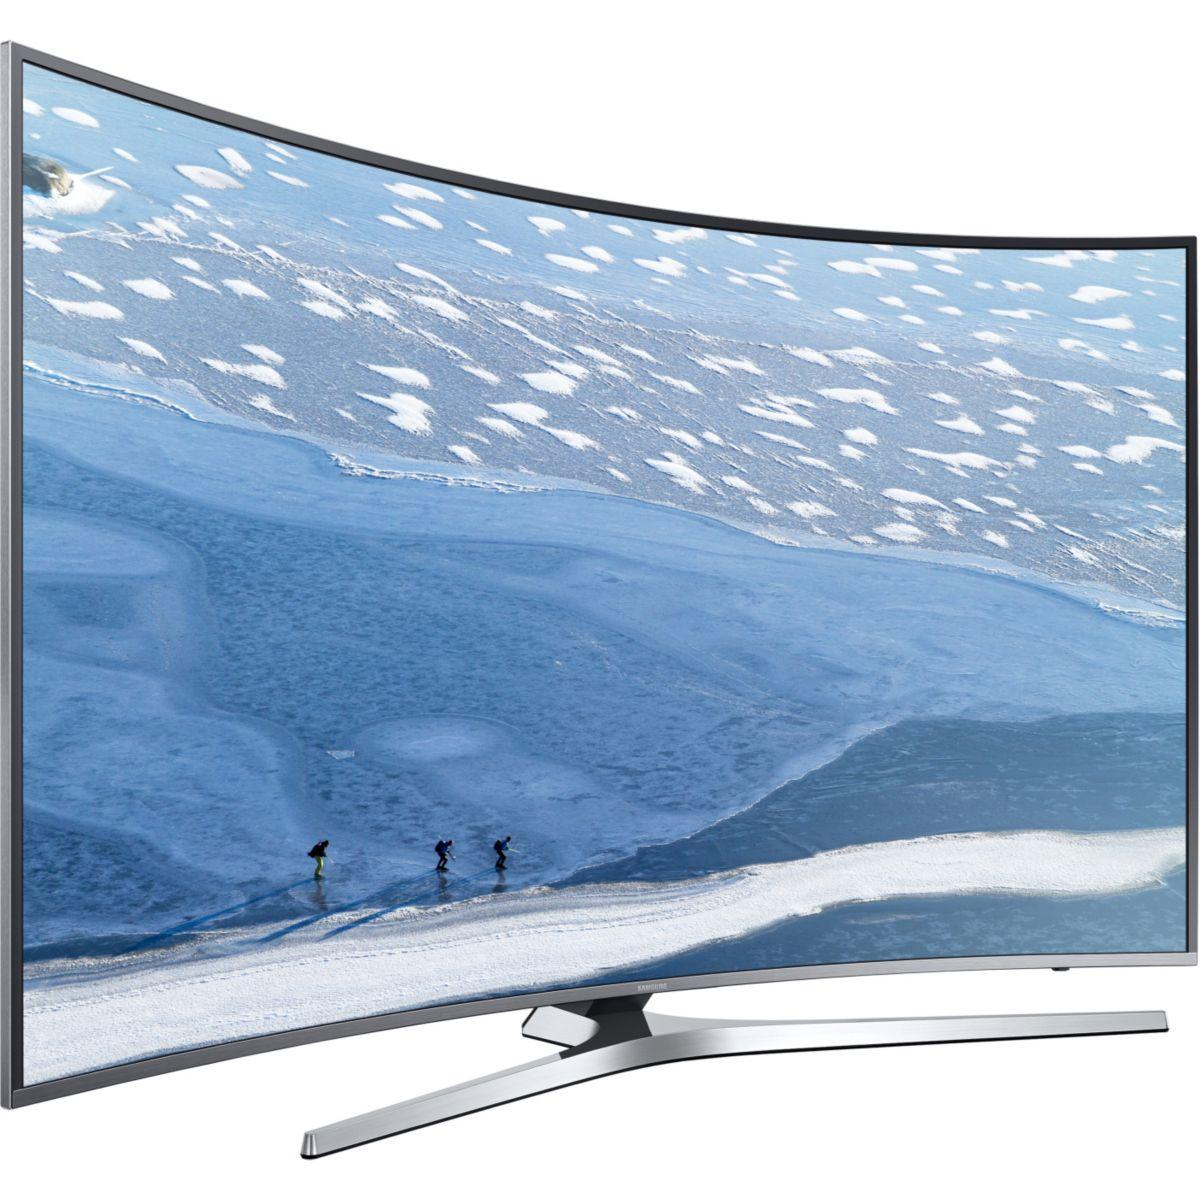 TV SAMSUNG UE49KU6670 4K HDR 1600 PQI INCURVE